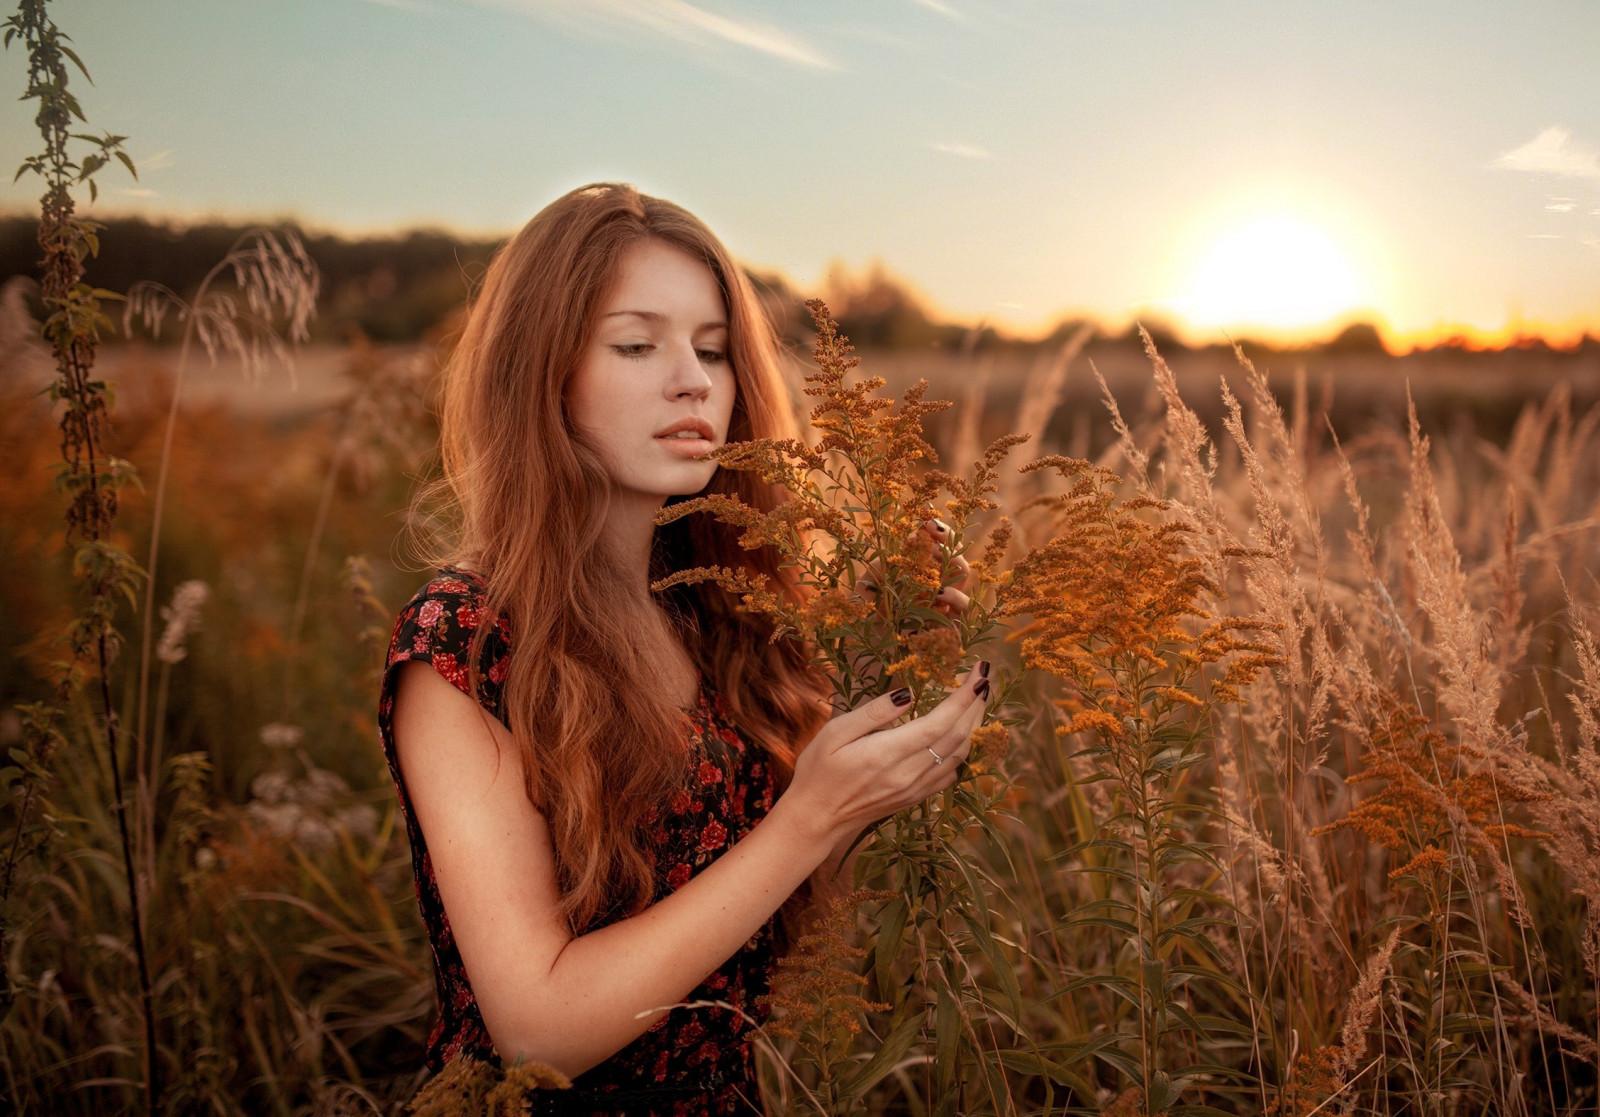 Фото красивых девушек в лучах солнца, Девушка в лучах солнца Girl in the sun Похожие фото 8 фотография